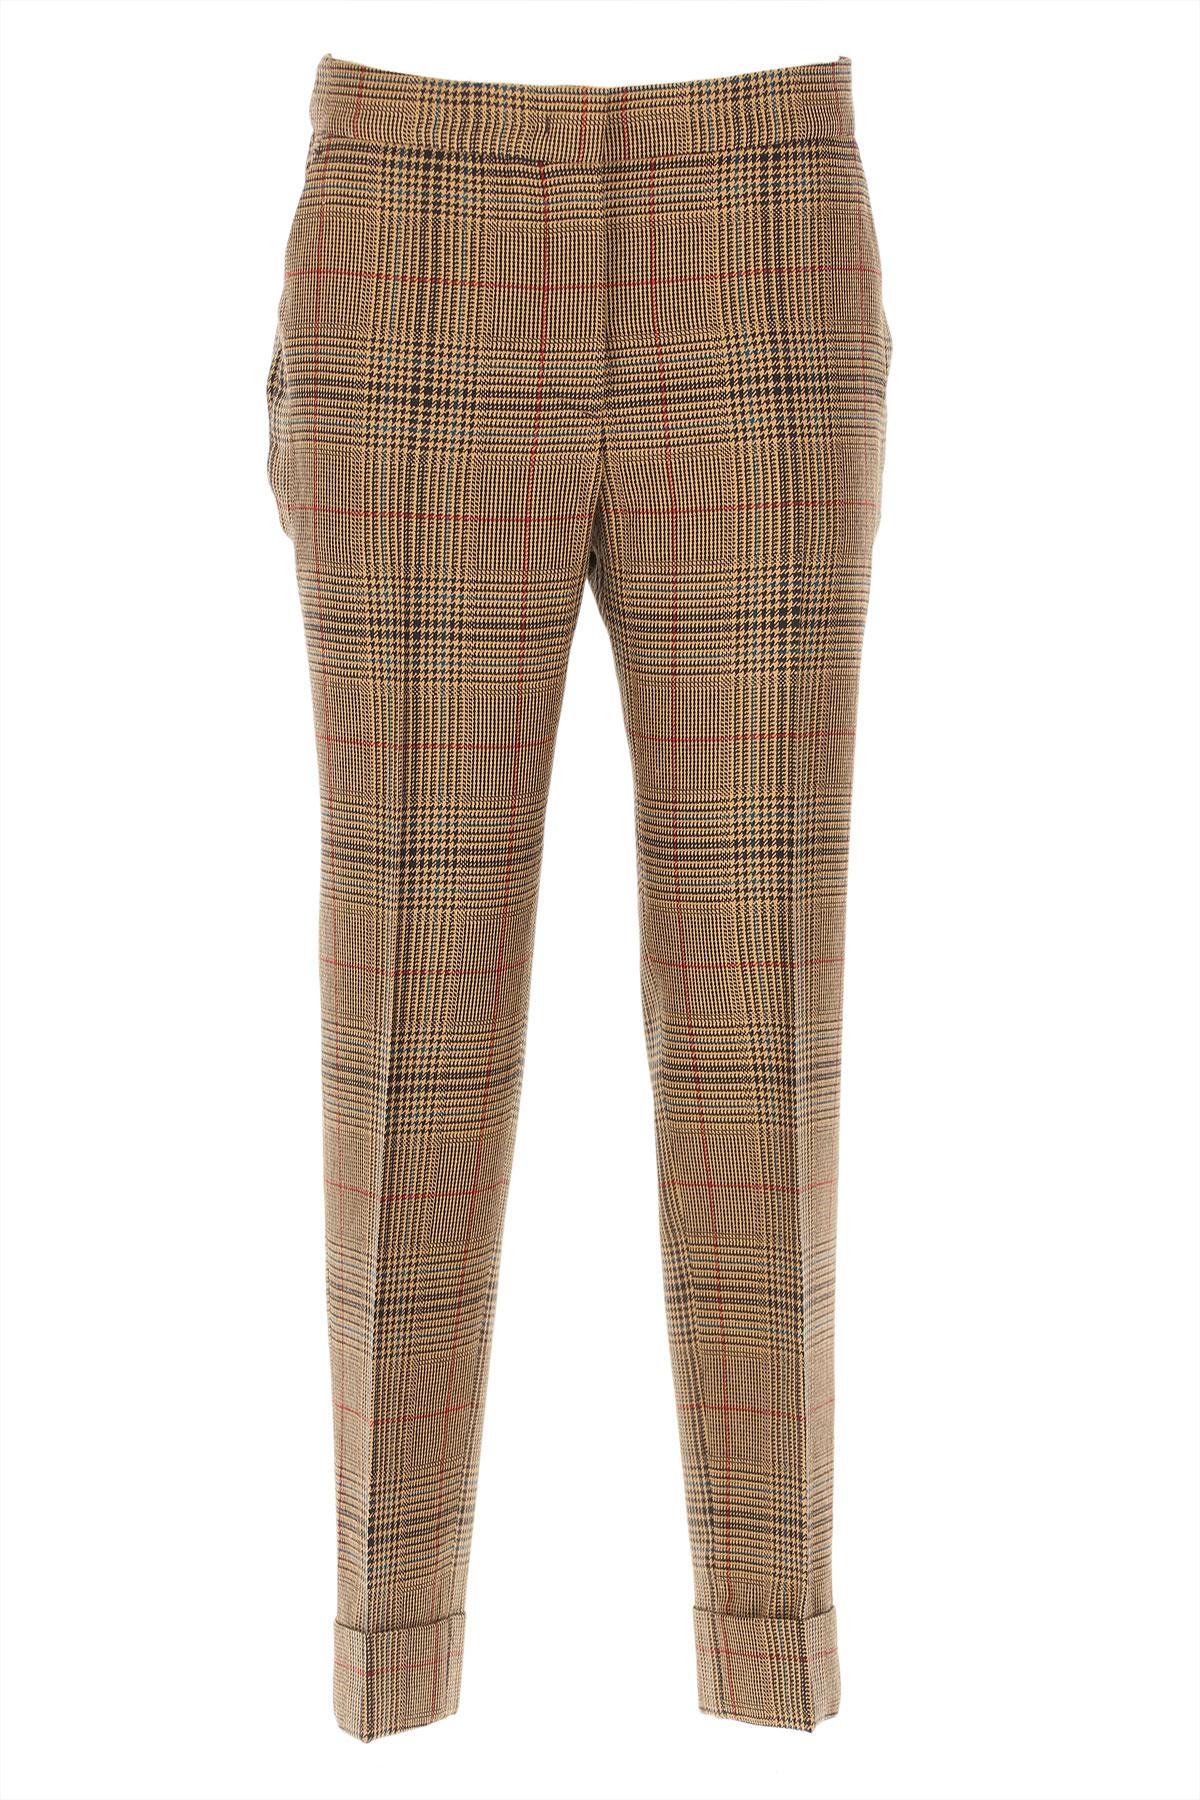 PT01 Pants for Women On Sale, Brown, Virgin wool, 2019, 26 28 30 32 34